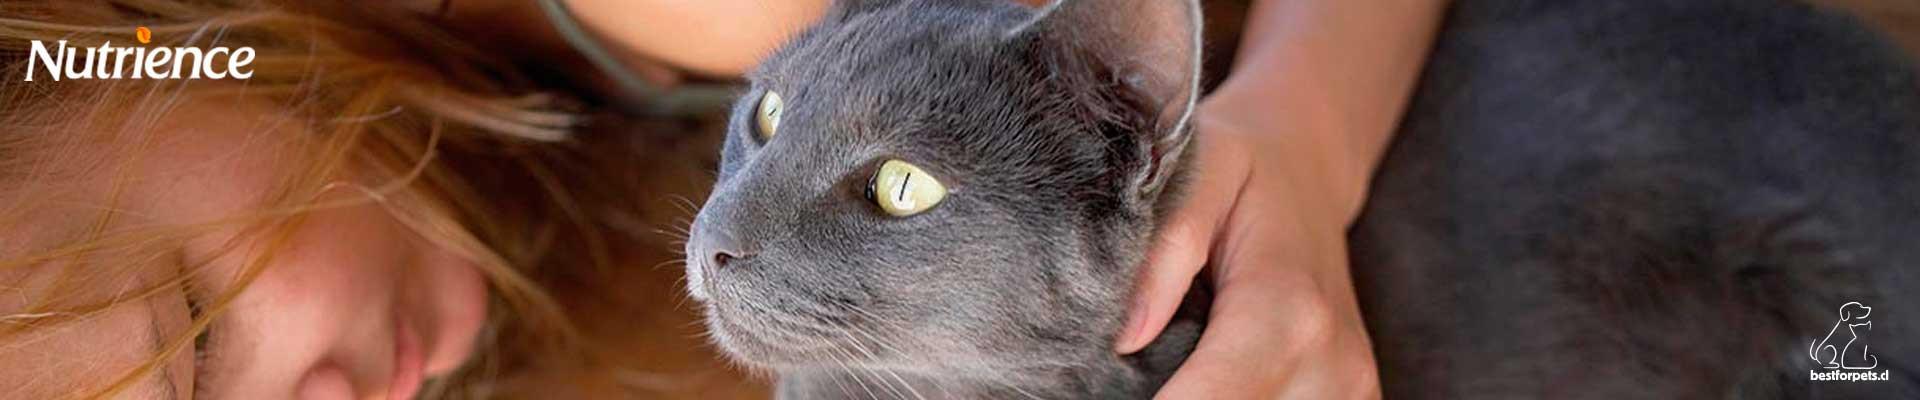 Alimento Nutrience para gatos